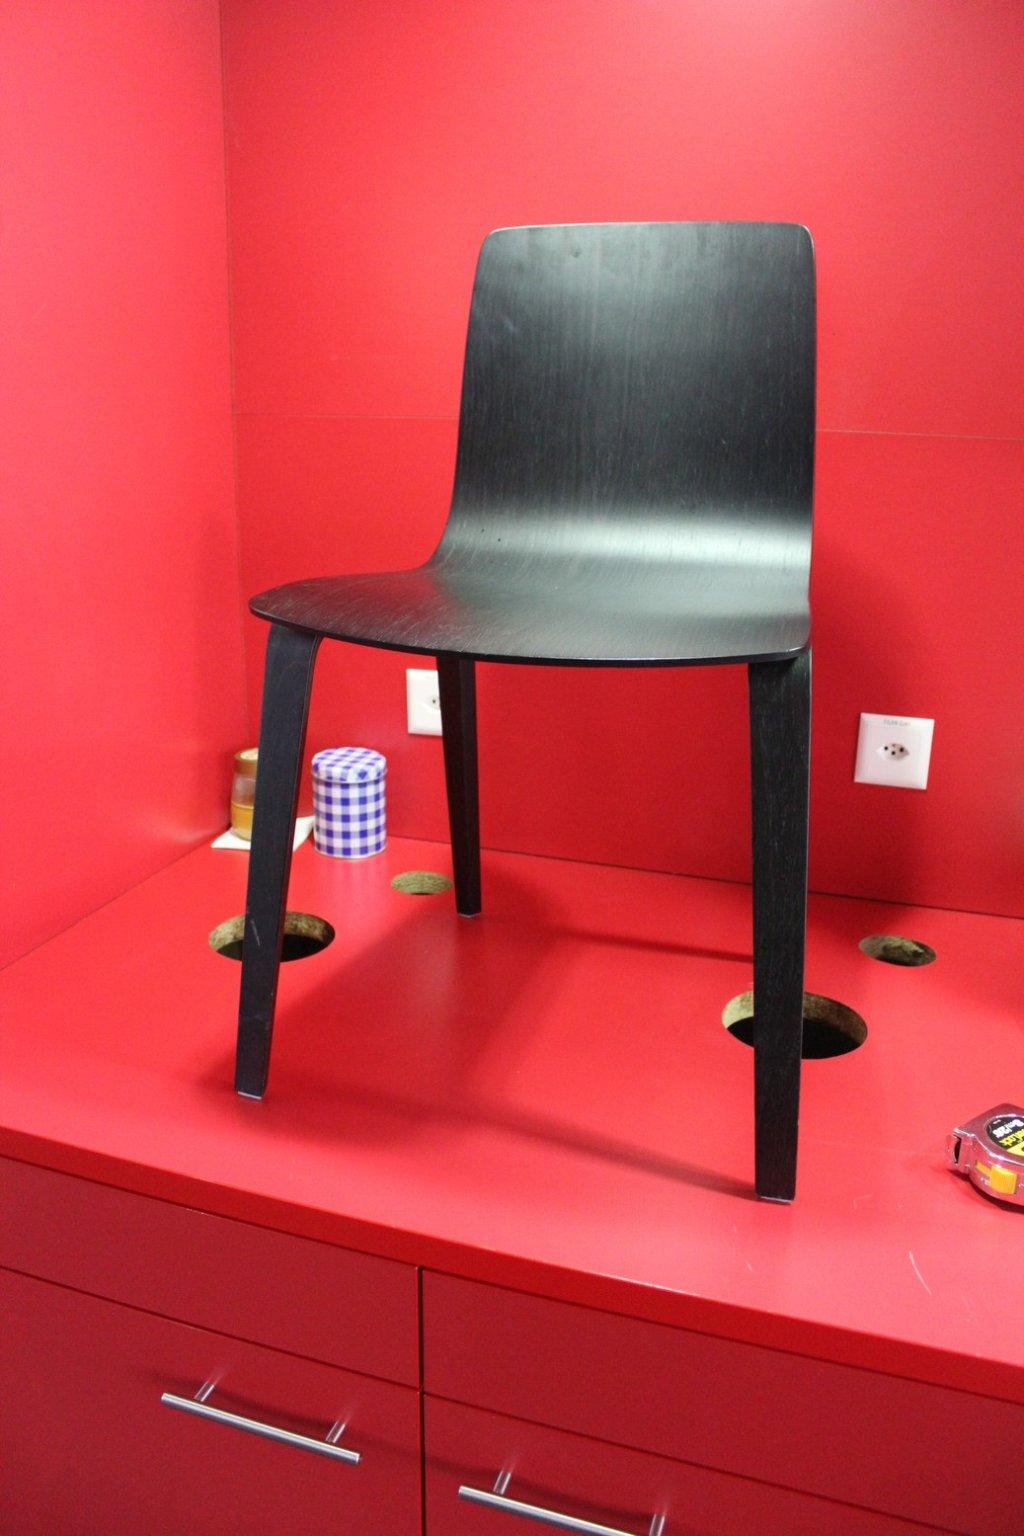 stuhl finnisches design schwarz rewinner ForStuhl Finnisches Design